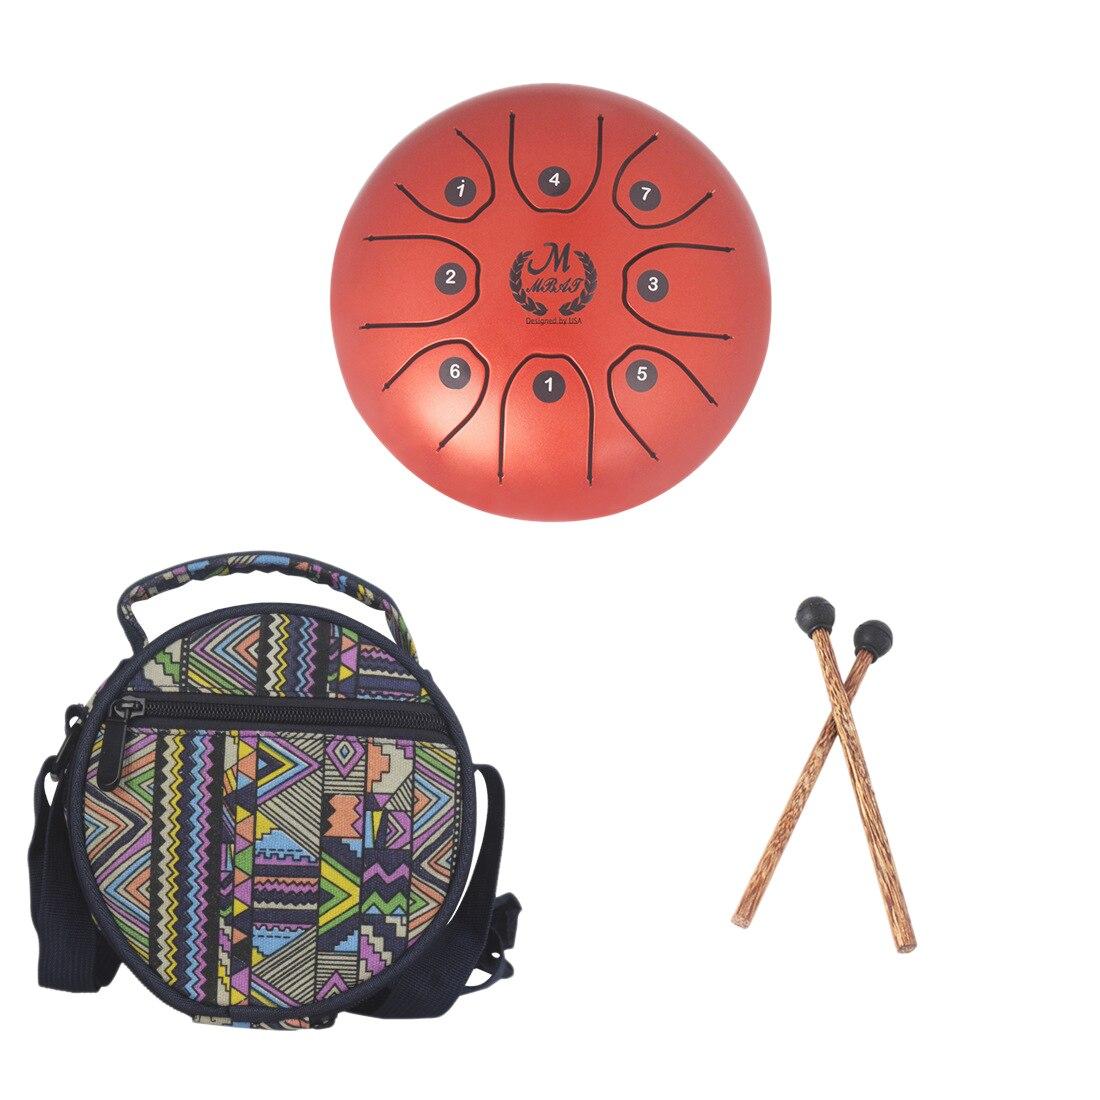 10-pouces 11 Ton Langue Tambour Handpan Tambour tambour à main Percussion Jouet Musical Instrument Éducation Précoce Cadeau Enfants-Foncé brun